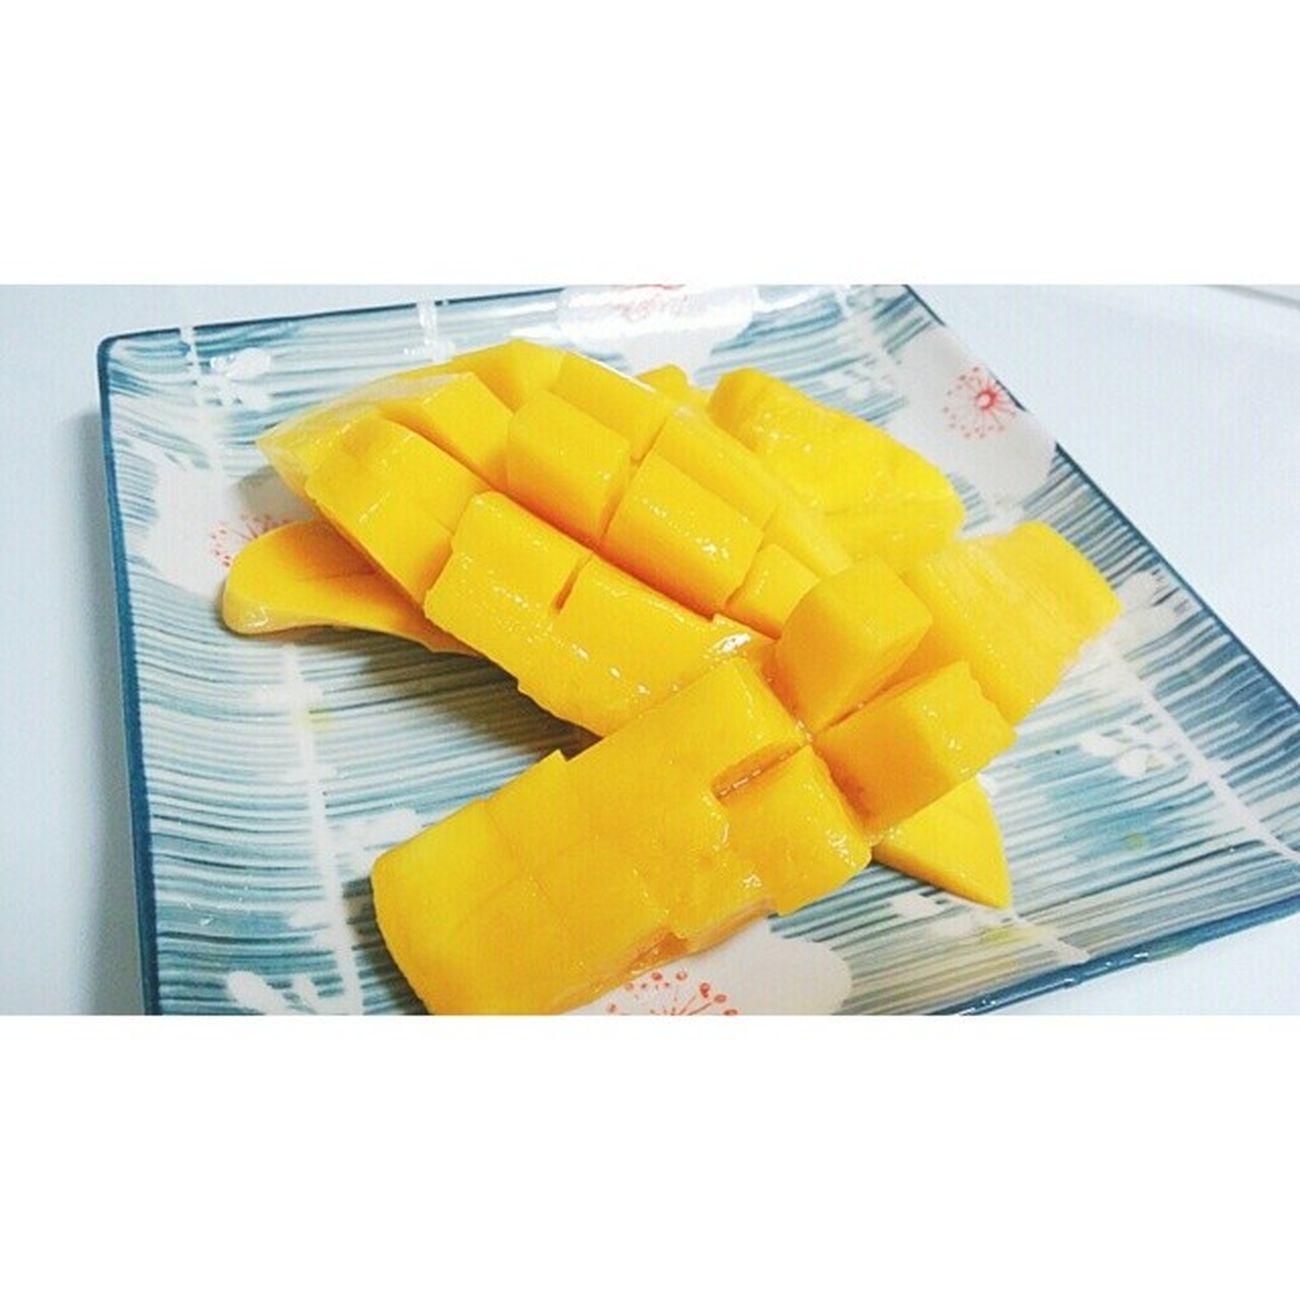 먹스타그램 과일 망고 꿀맛 허니맛 디저트 간식 우쉬 아무생각없이 자르다가 잘못자름? 그래도 망고는 사랑입니다 ?